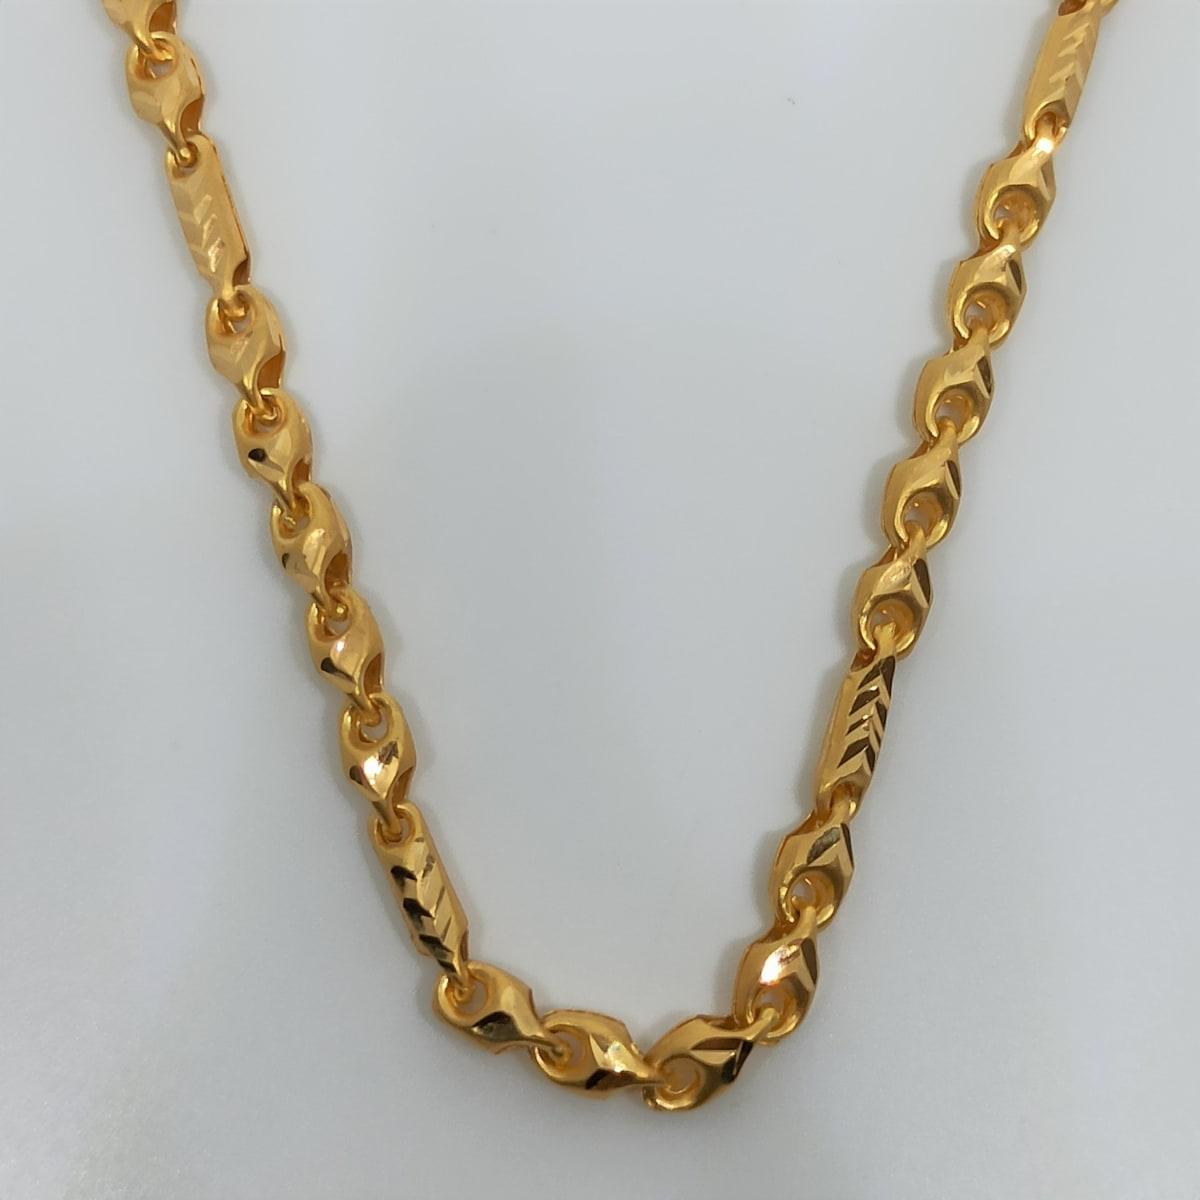 Bahubali Chain 16